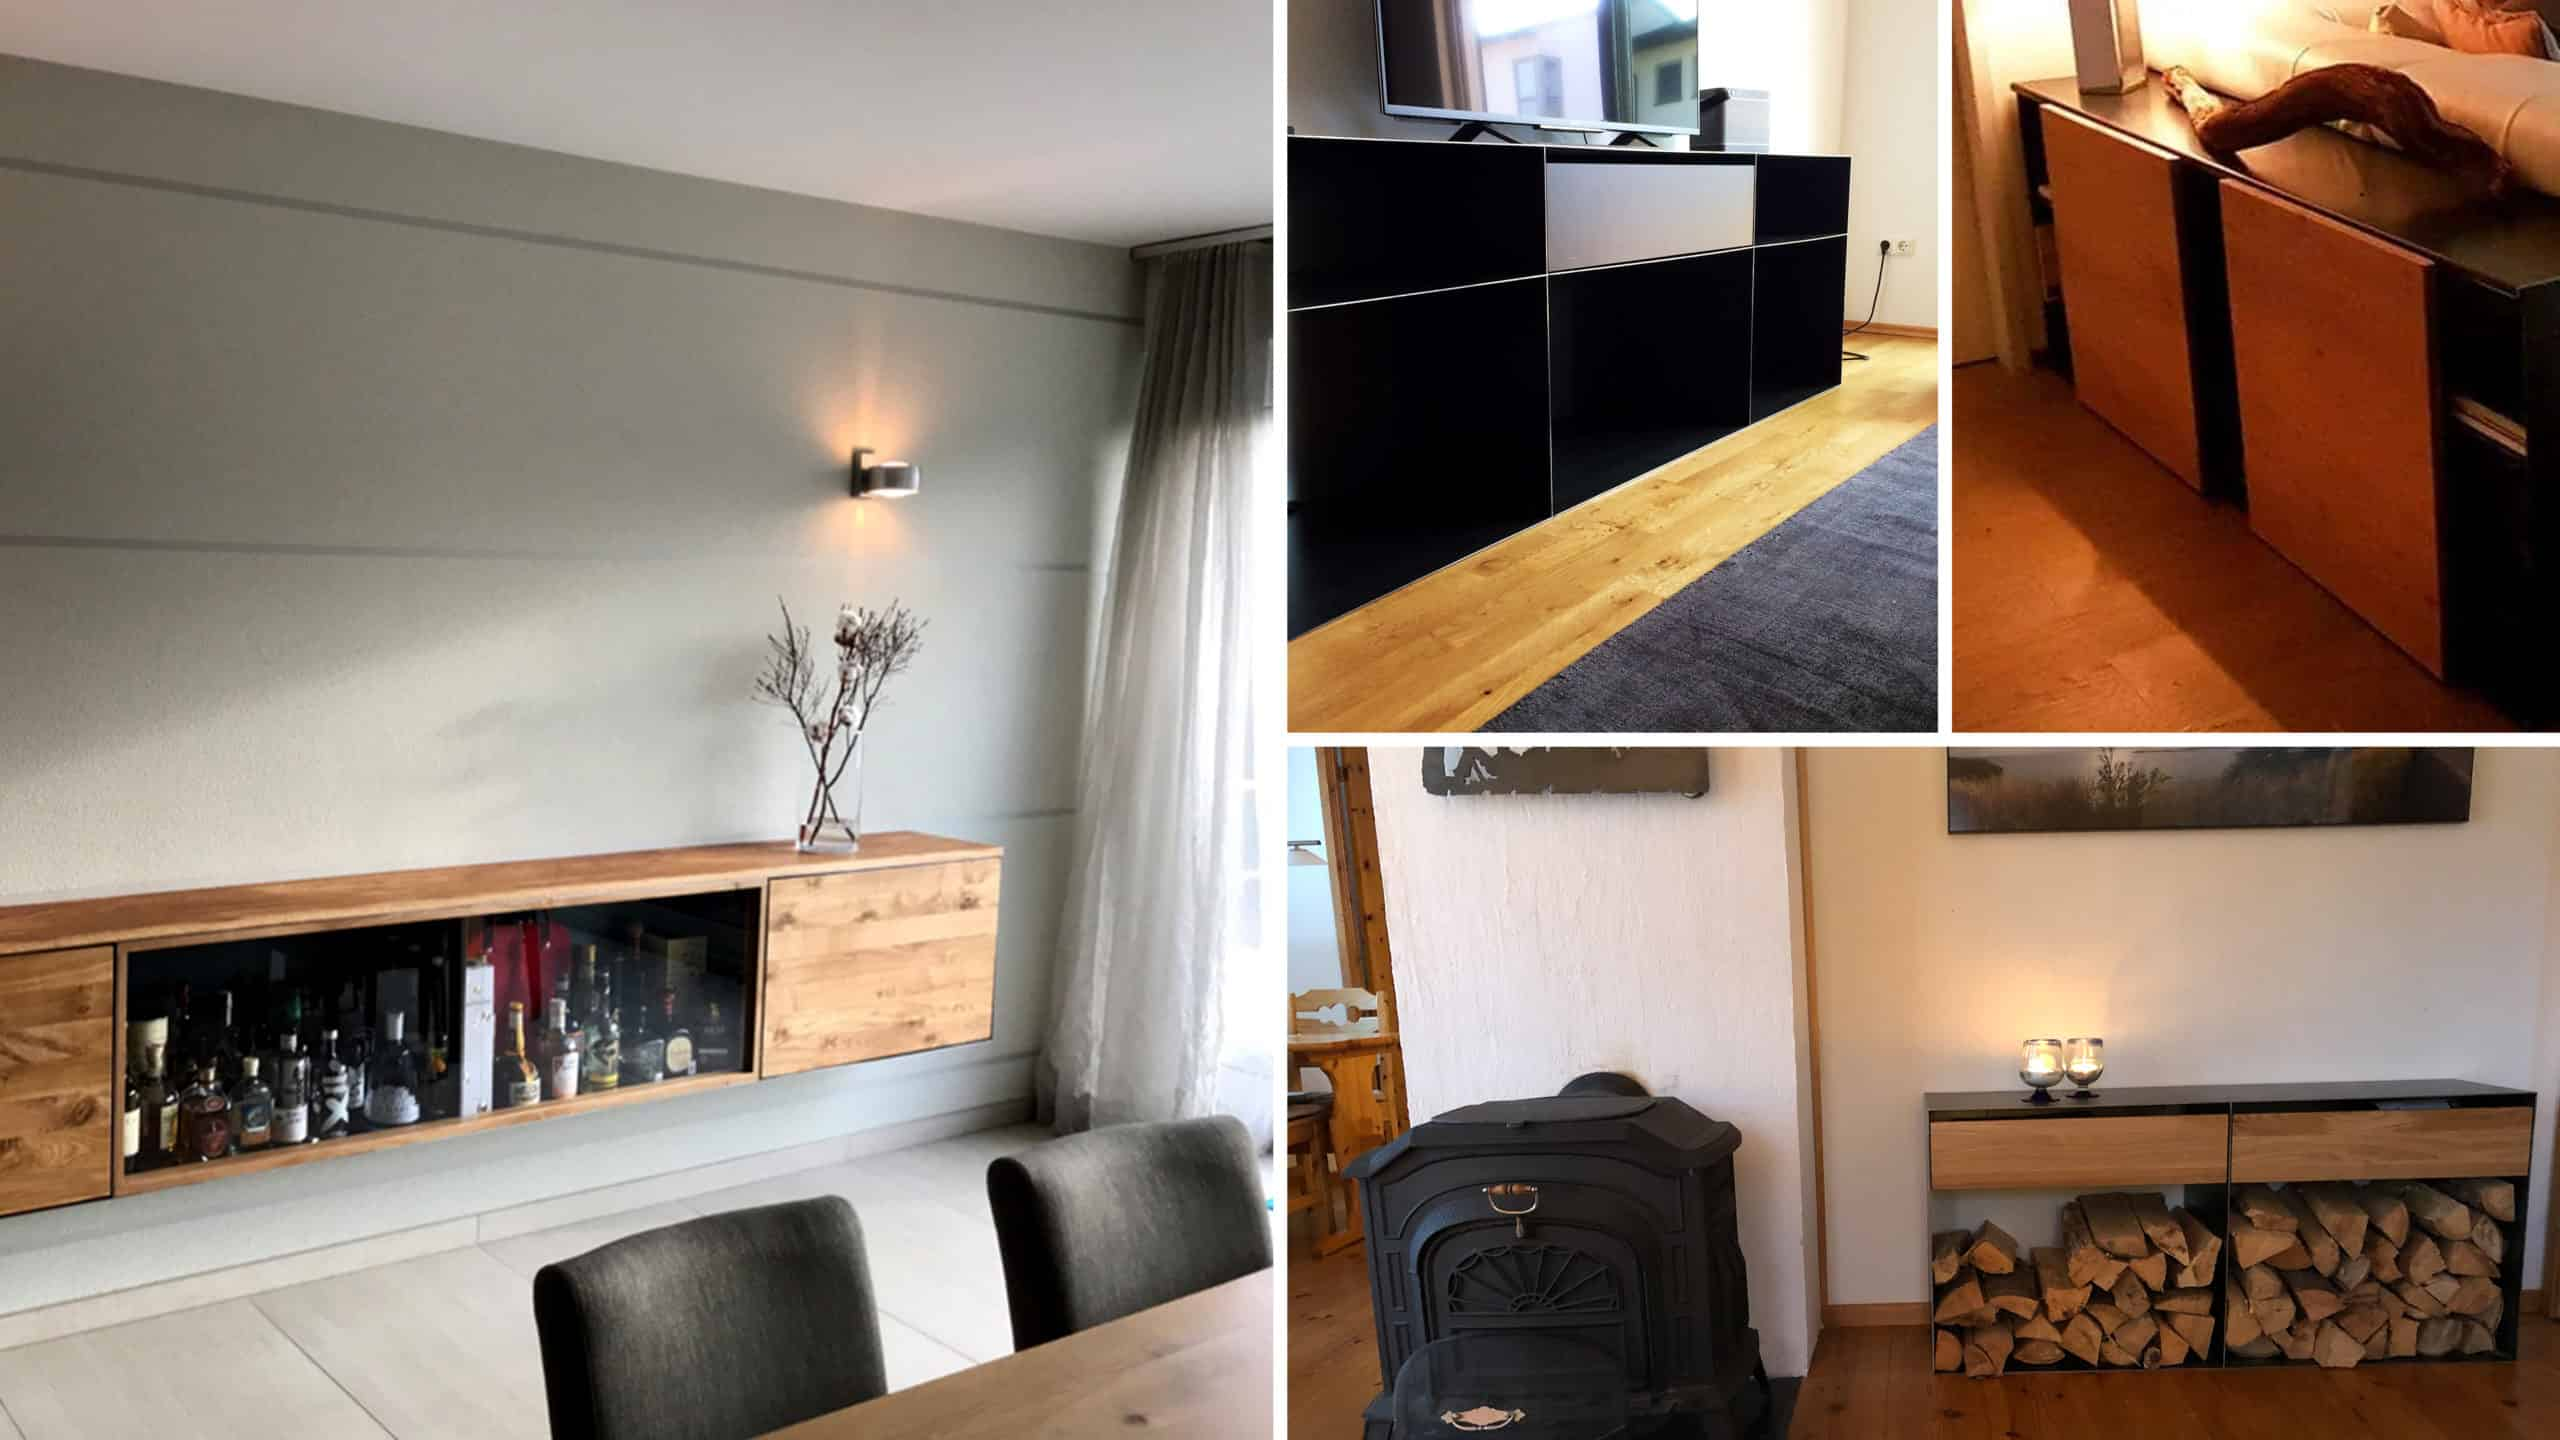 stahlzart-sideboard-kommode-barschrank-schwarz-grau-holz-eiche-metall-modern-design-designer-moebel-massivholz-wildeiche-nussbaum-mit-schubladen-haengend-glas-schiebetueren